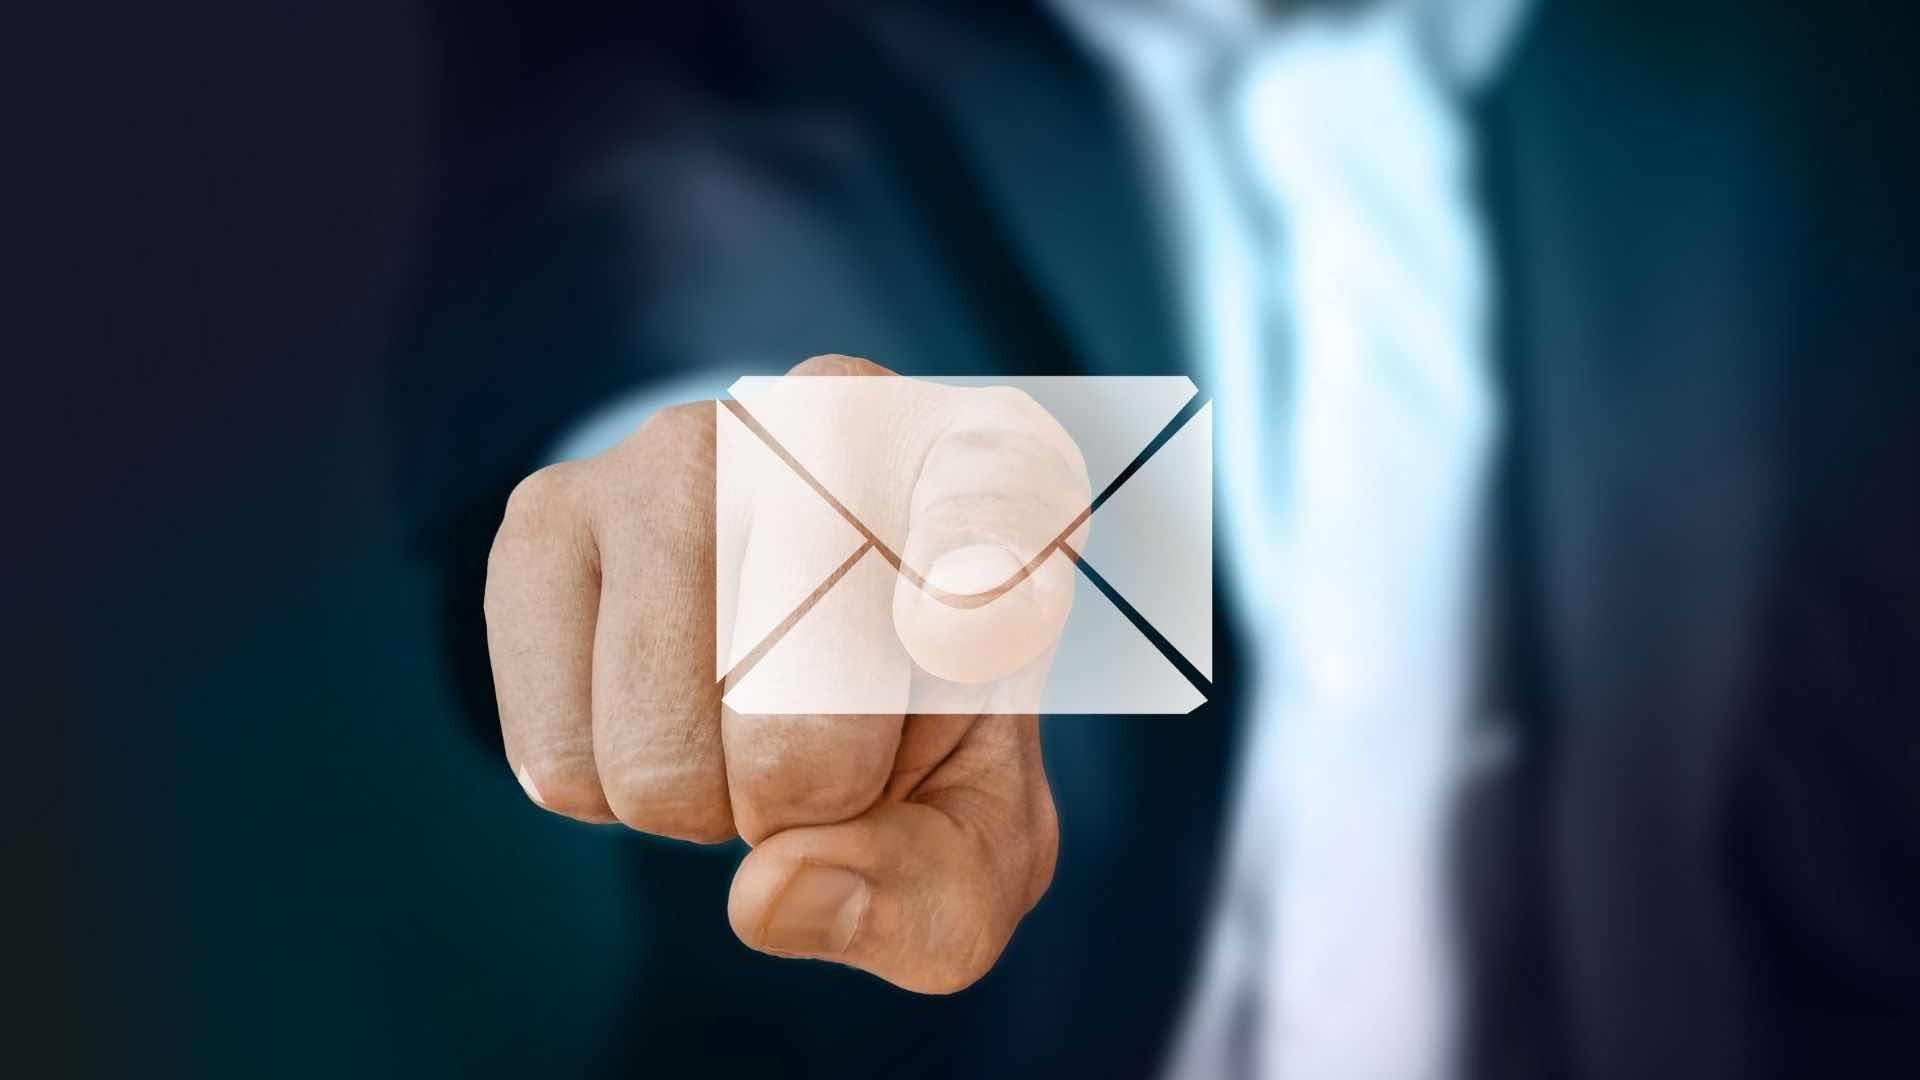 Obbligo di comunicazione del domicilio digitale e conseguenze in caso di inadempienza.